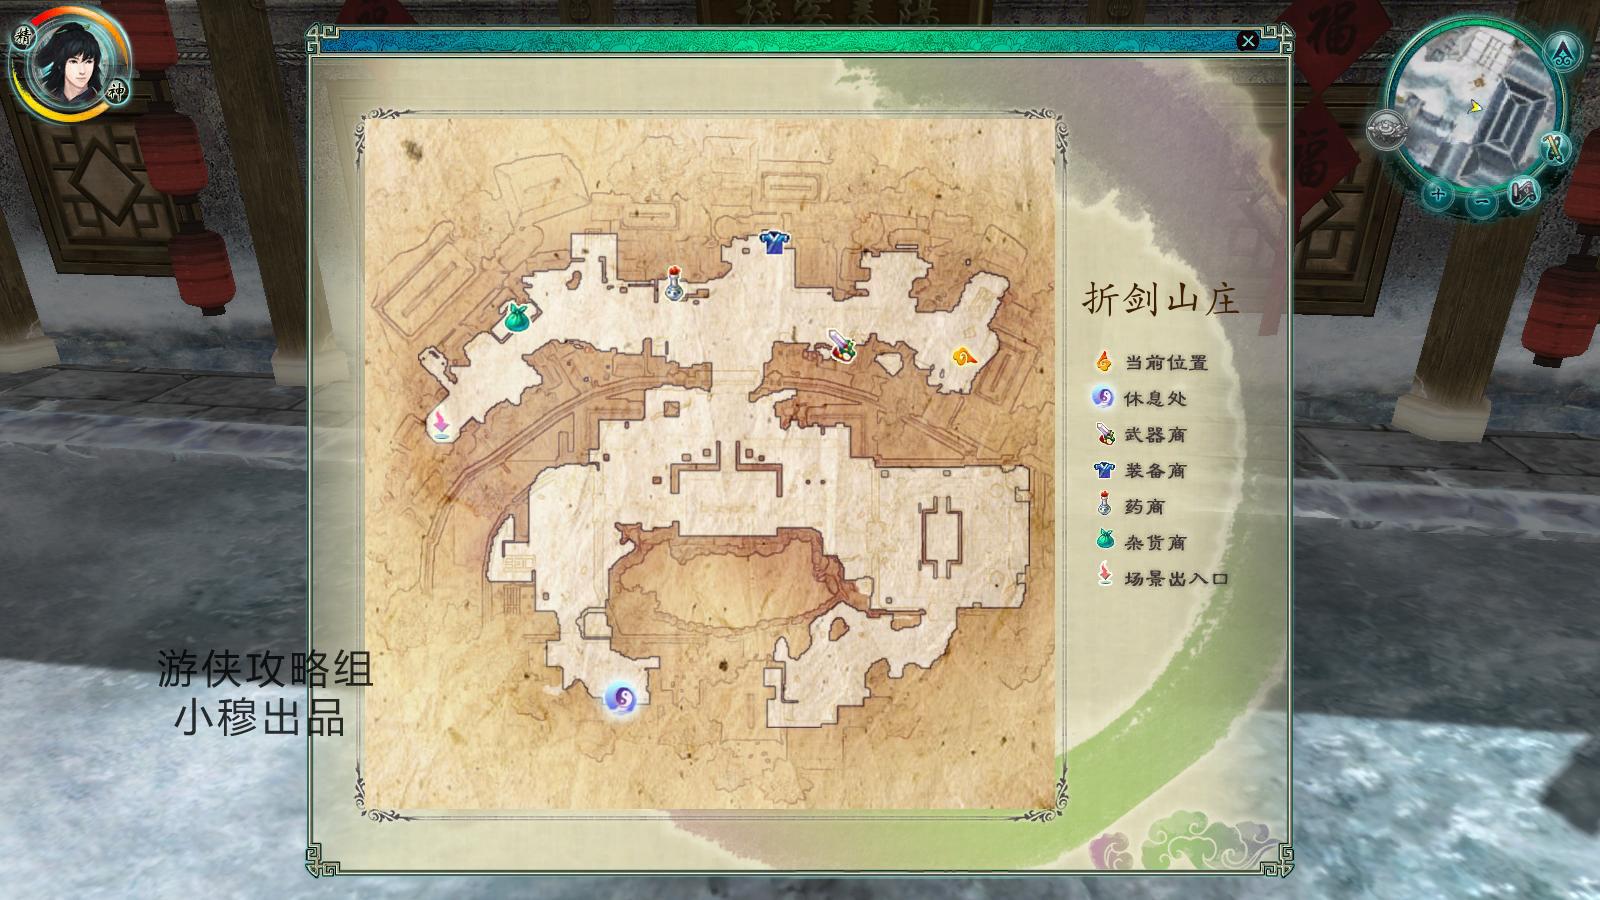 《仙剑奇侠传5前传》全地图物品收集